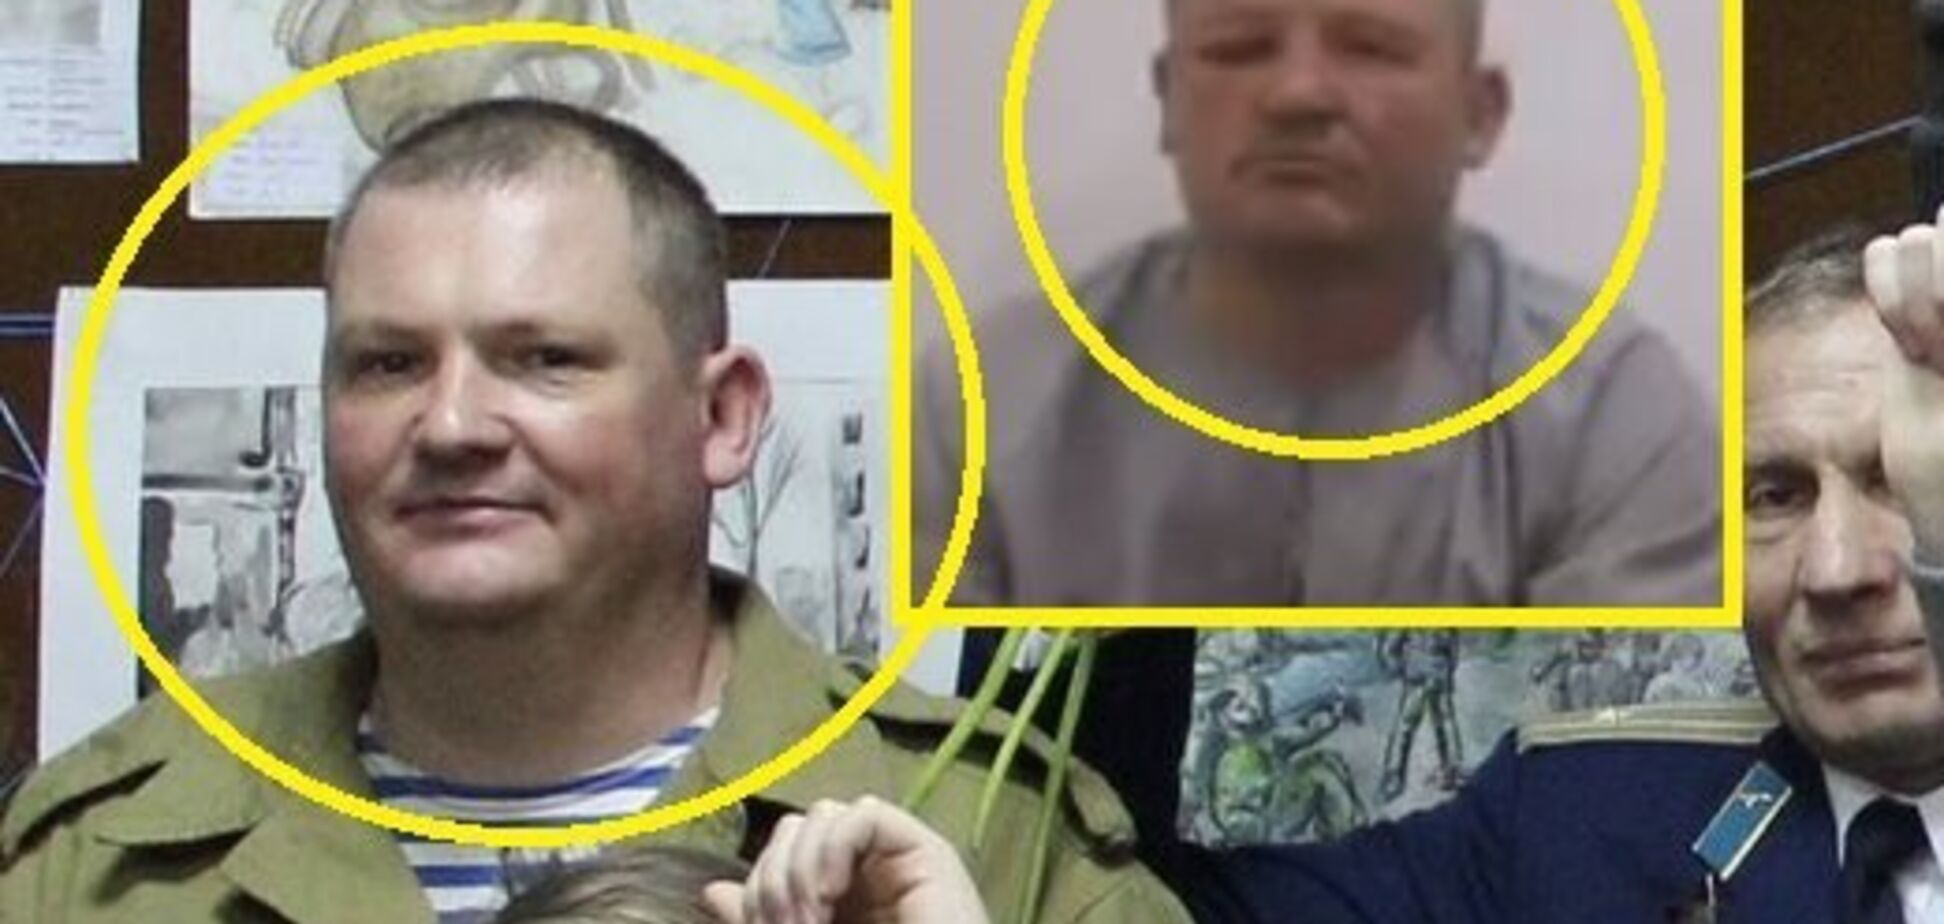 'На забій посилають': брат захопленого ІДІЛ росіянина розповів, як потрапляють у Сирію